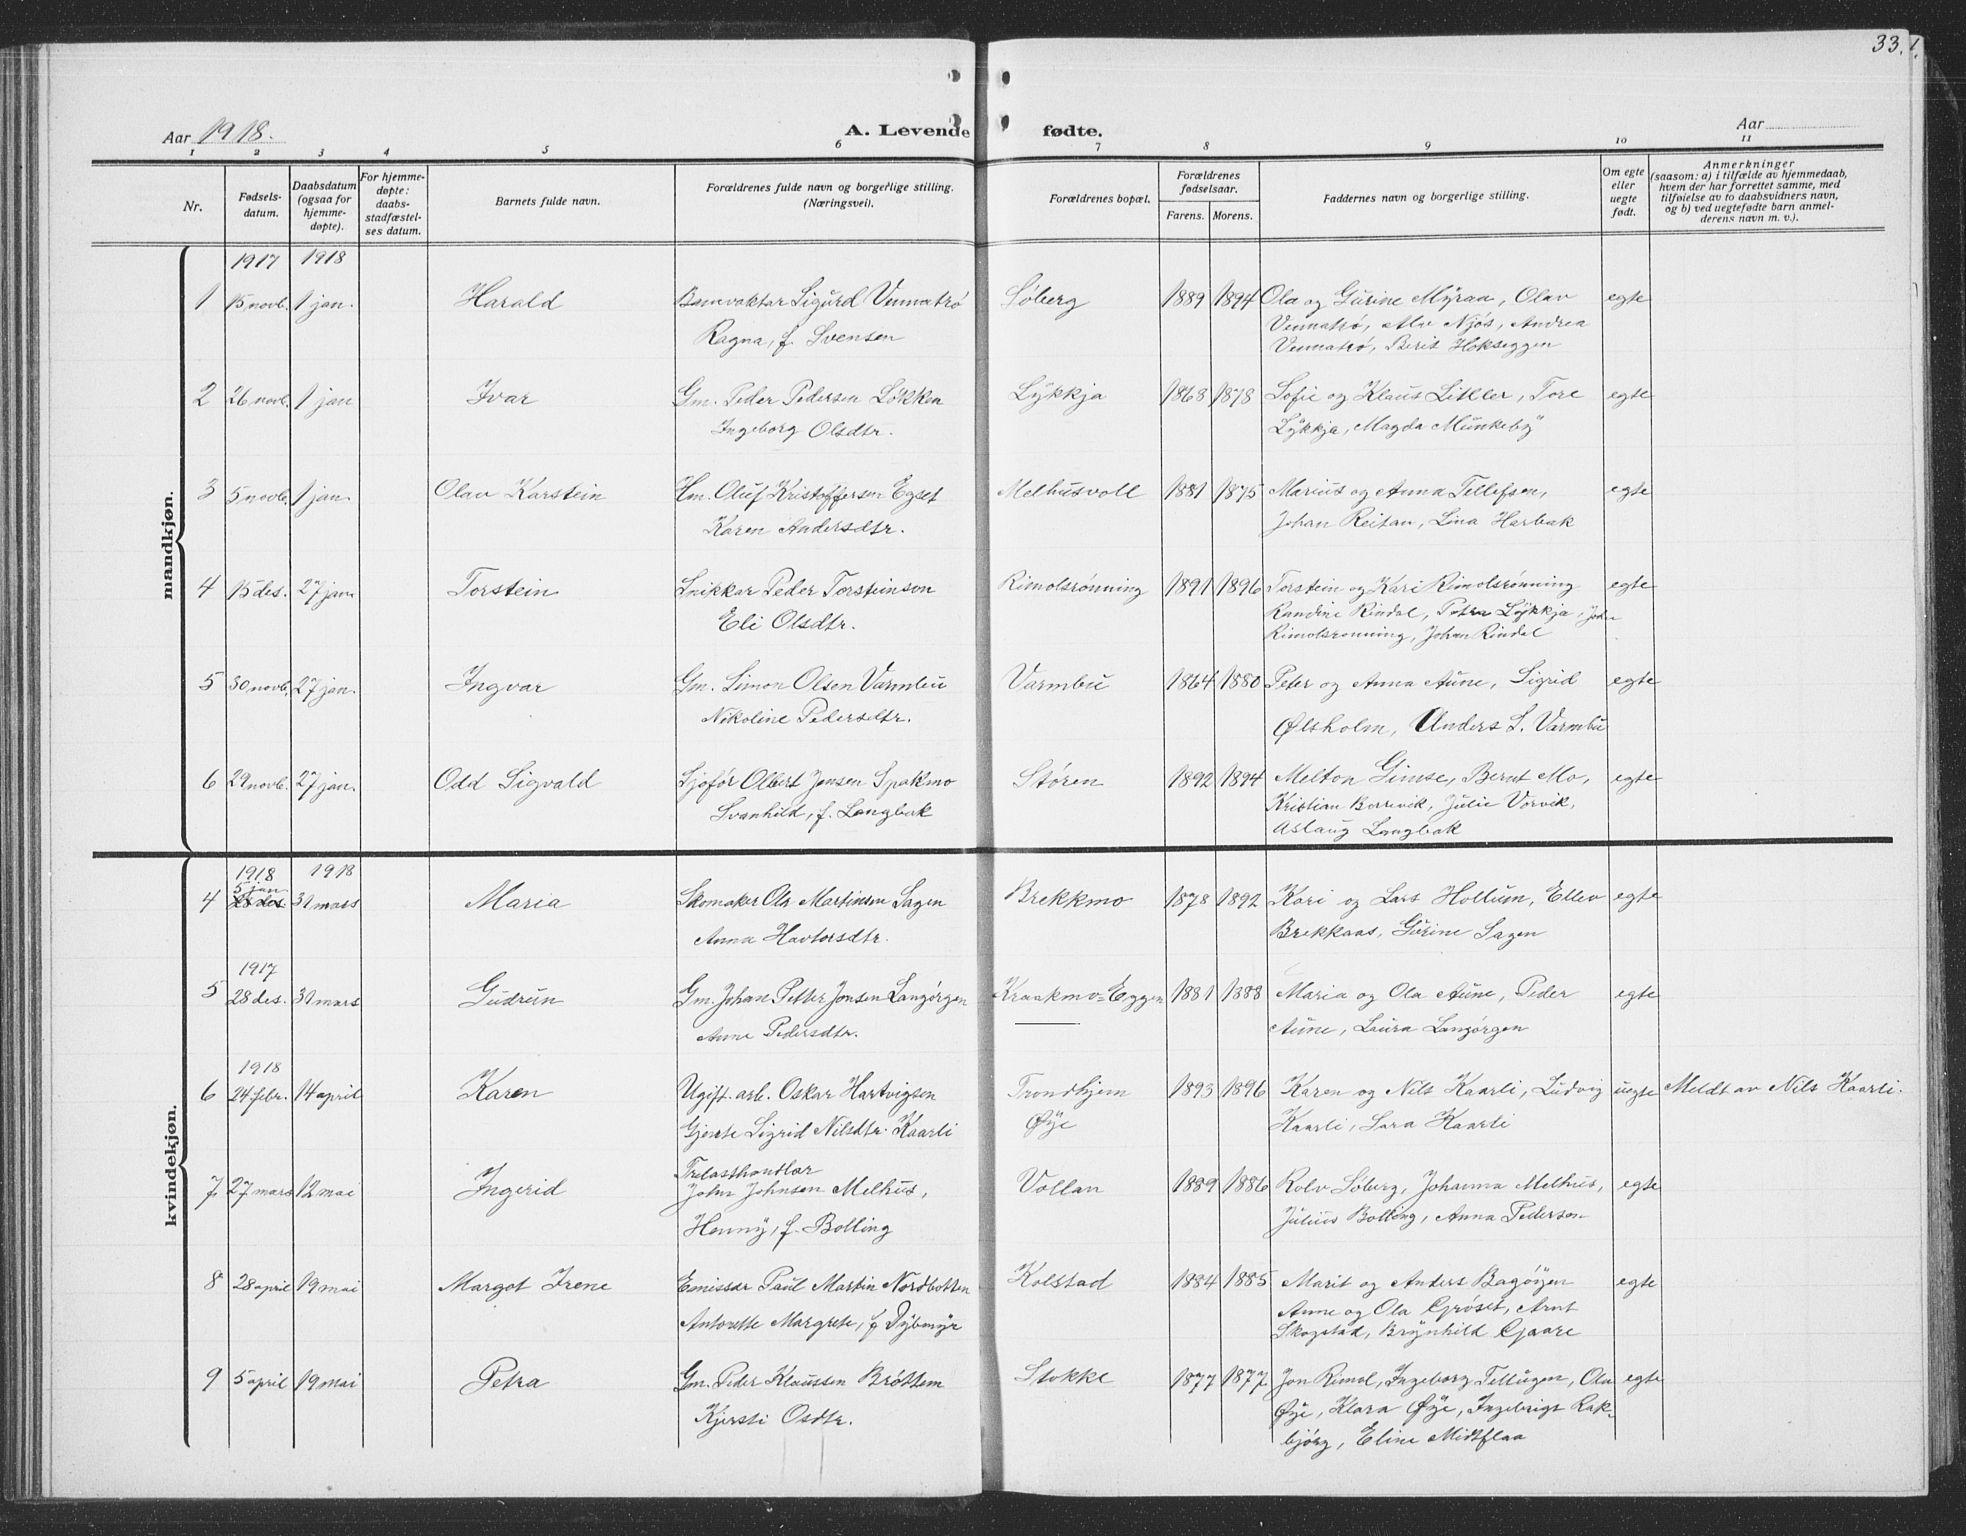 SAT, Ministerialprotokoller, klokkerbøker og fødselsregistre - Sør-Trøndelag, 691/L1095: Klokkerbok nr. 691C06, 1912-1933, s. 33